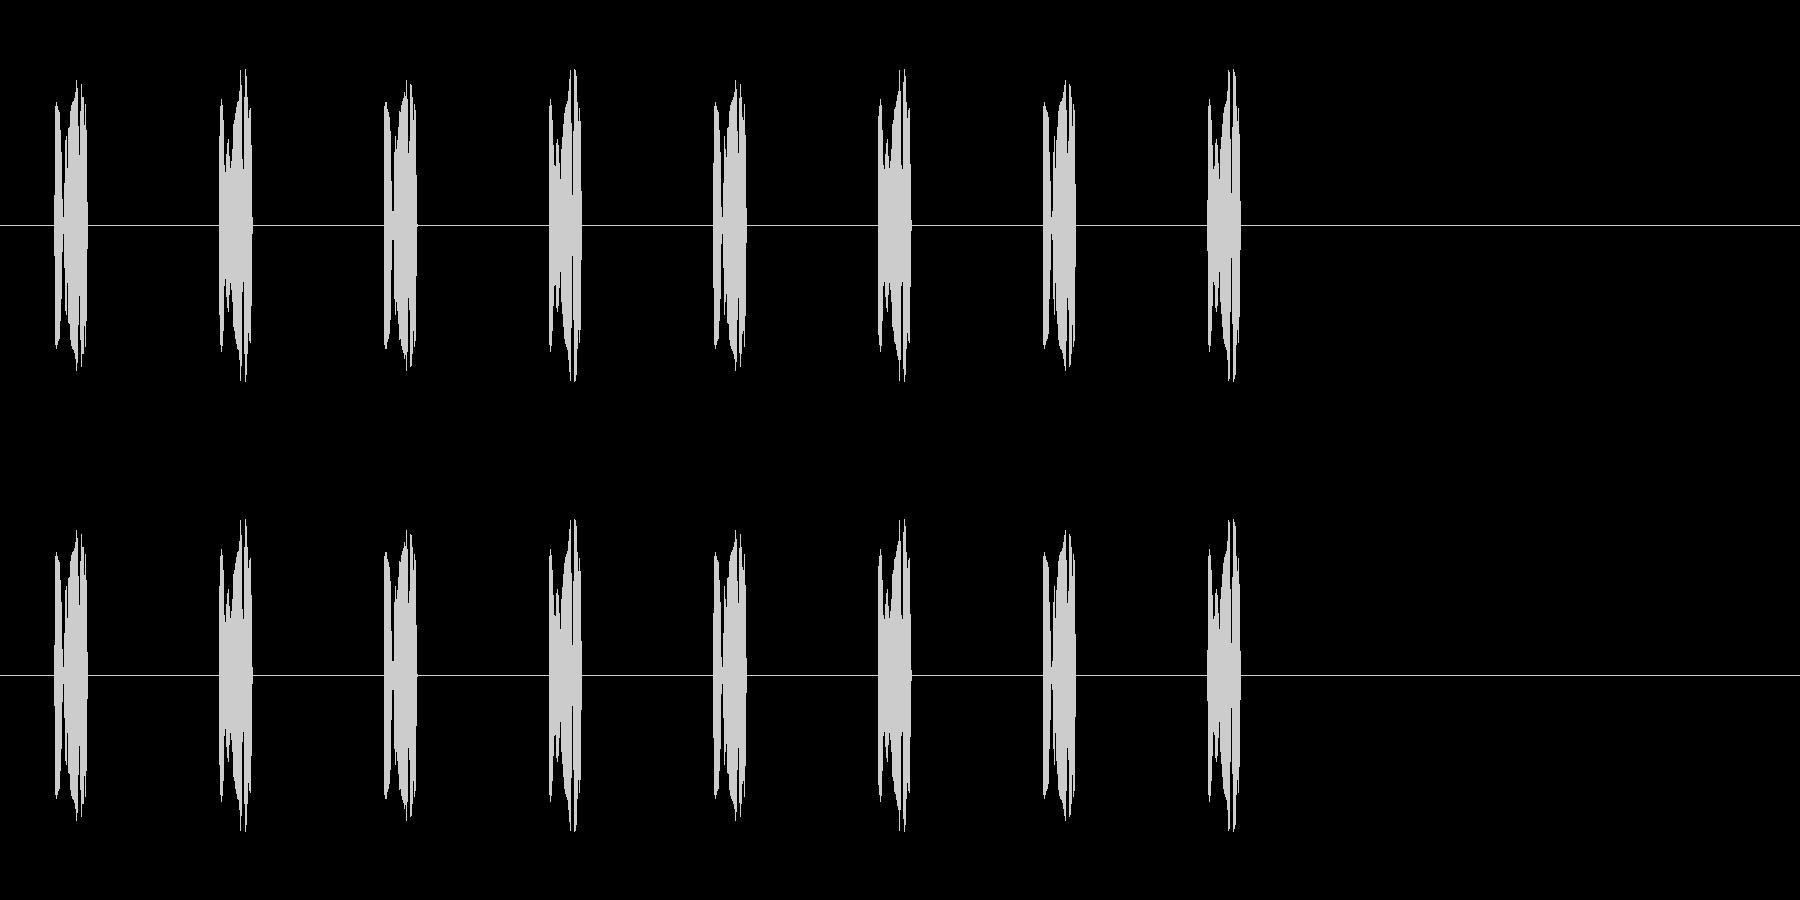 コミカルな足音 C-4-3の未再生の波形